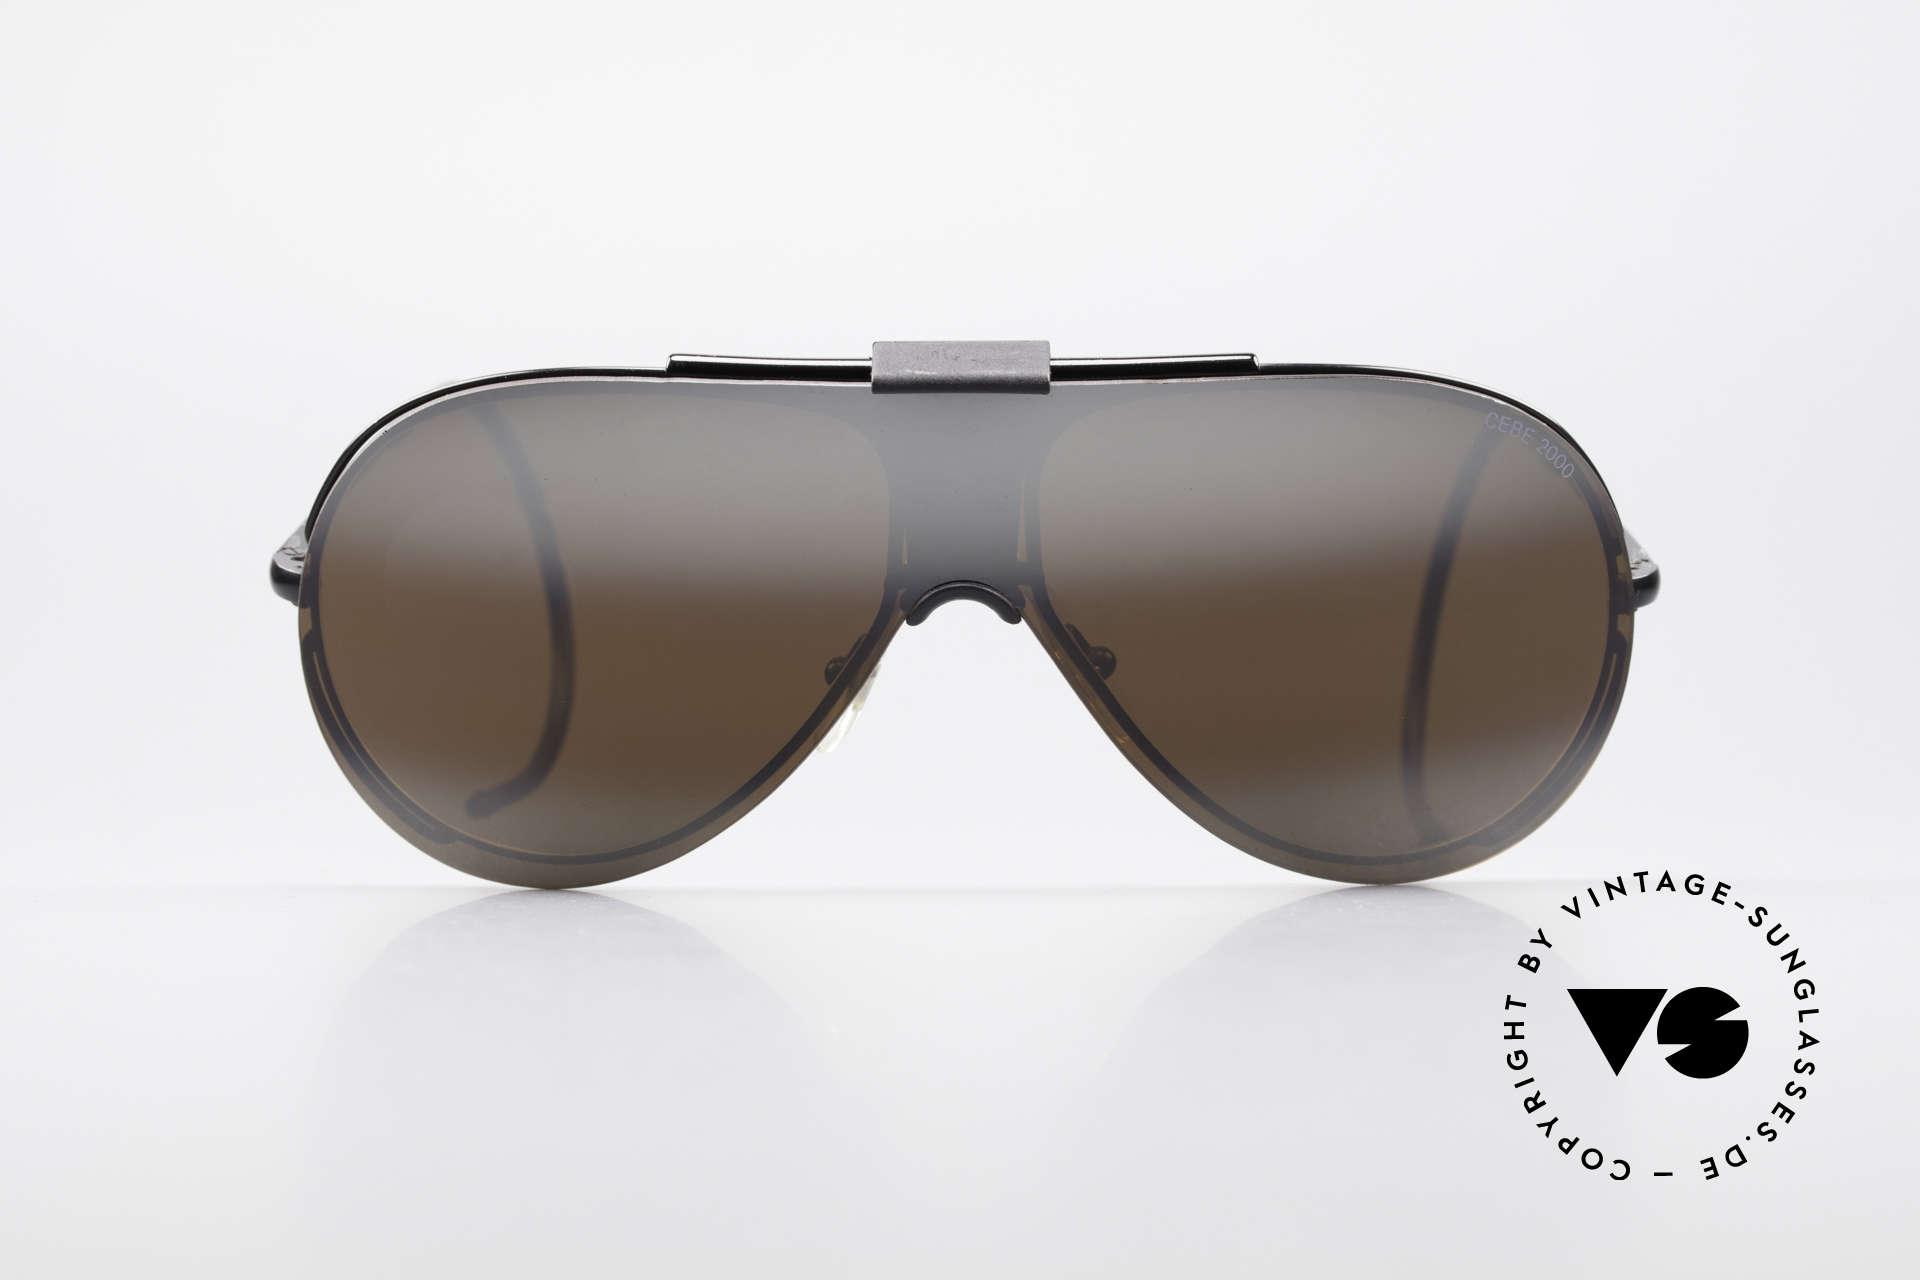 Cebe 2000 Clip On Rallye Sportbrille, u.a. für die Fahrer der Rallye 'PARIS-DAKAR' entwickelt, Passend für Herren